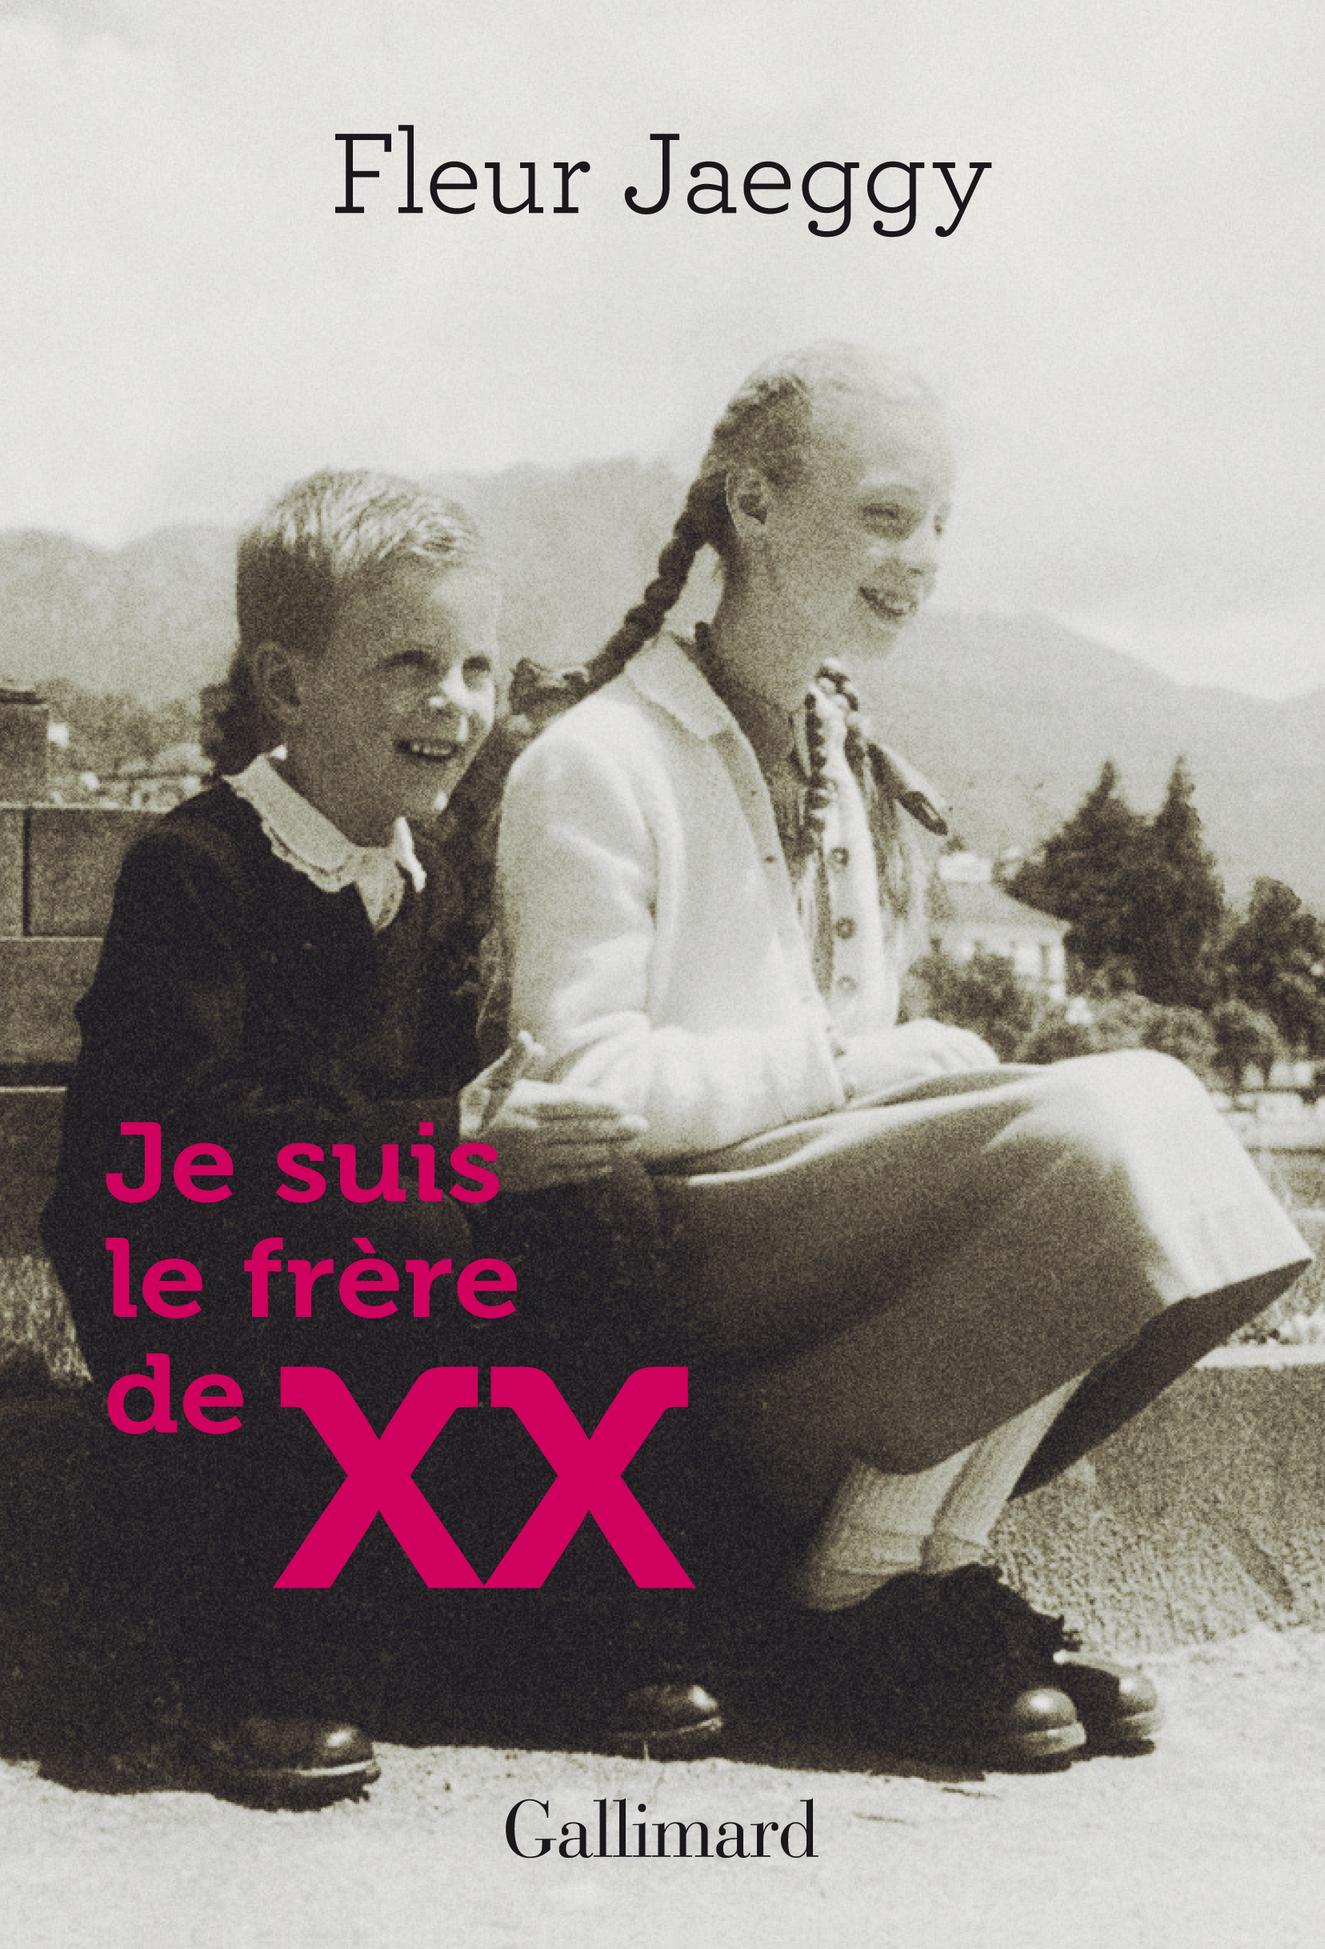 JE SUIS LE FRERE DE XX